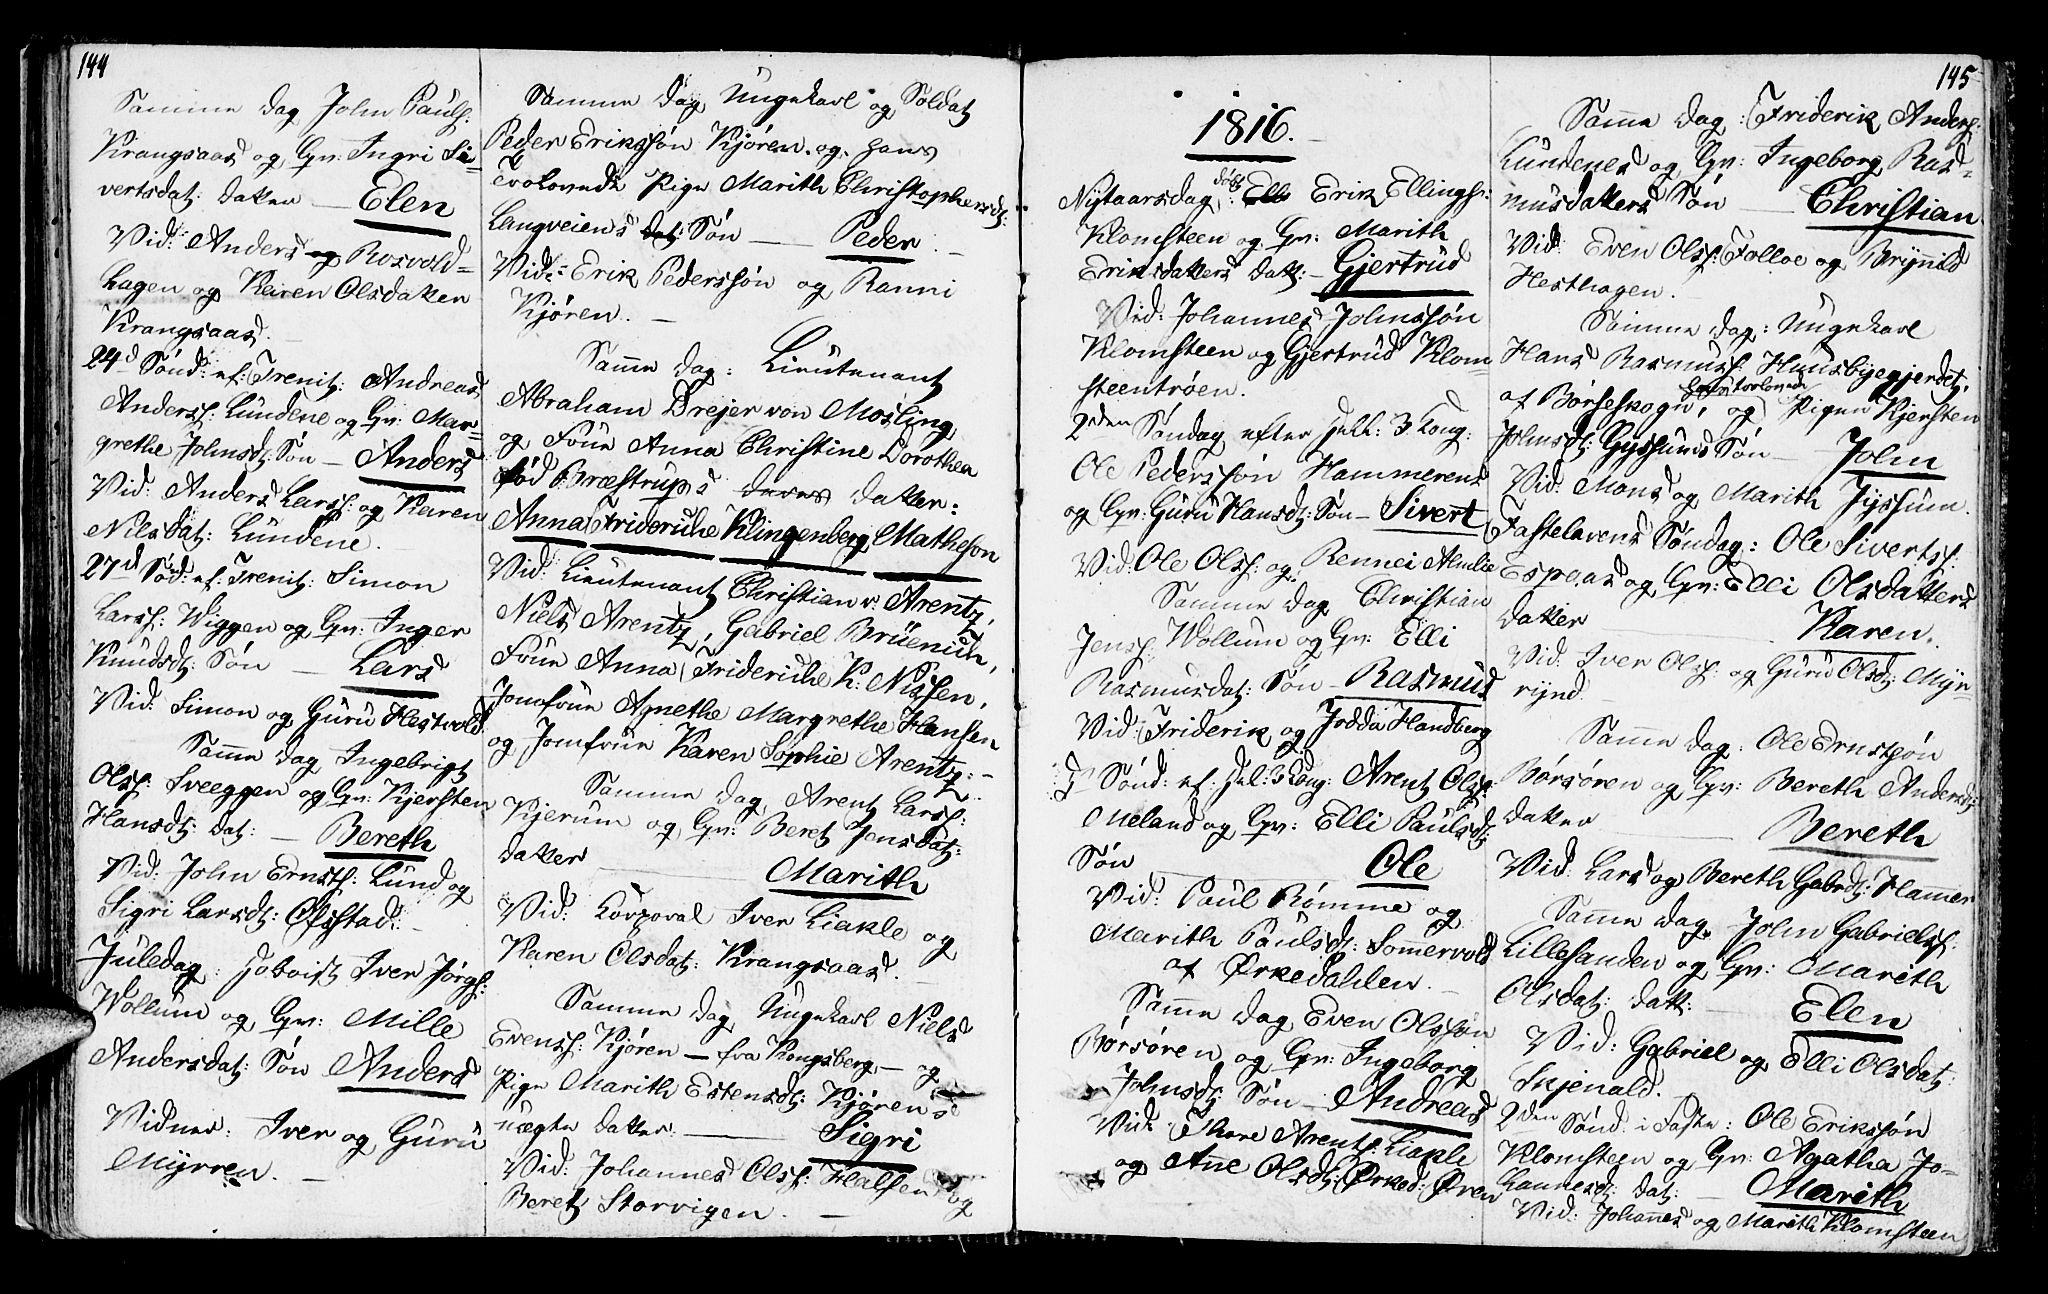 SAT, Ministerialprotokoller, klokkerbøker og fødselsregistre - Sør-Trøndelag, 665/L0769: Ministerialbok nr. 665A04, 1803-1816, s. 144-145